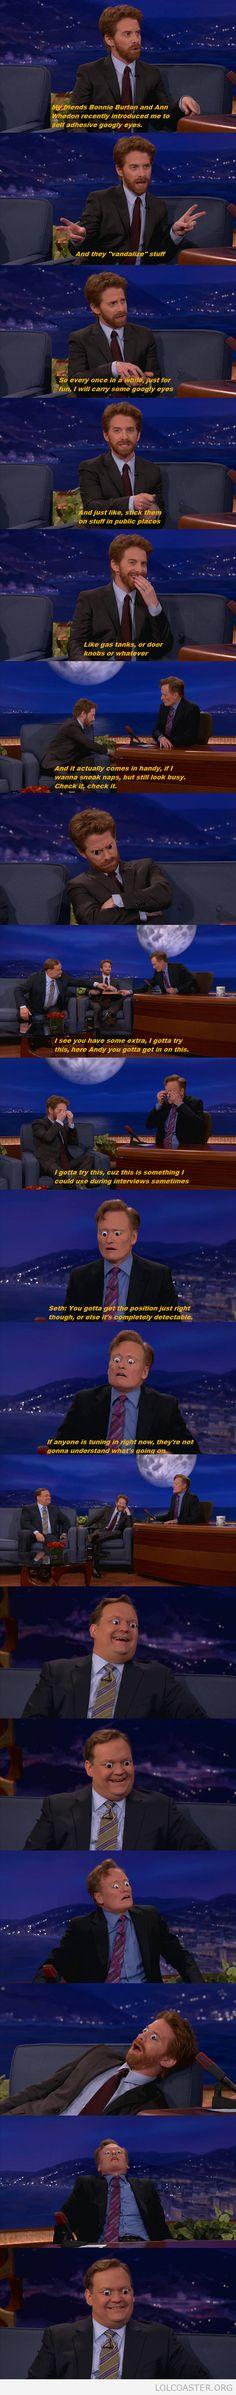 Genius. I'm crying I'm laughing so hard!